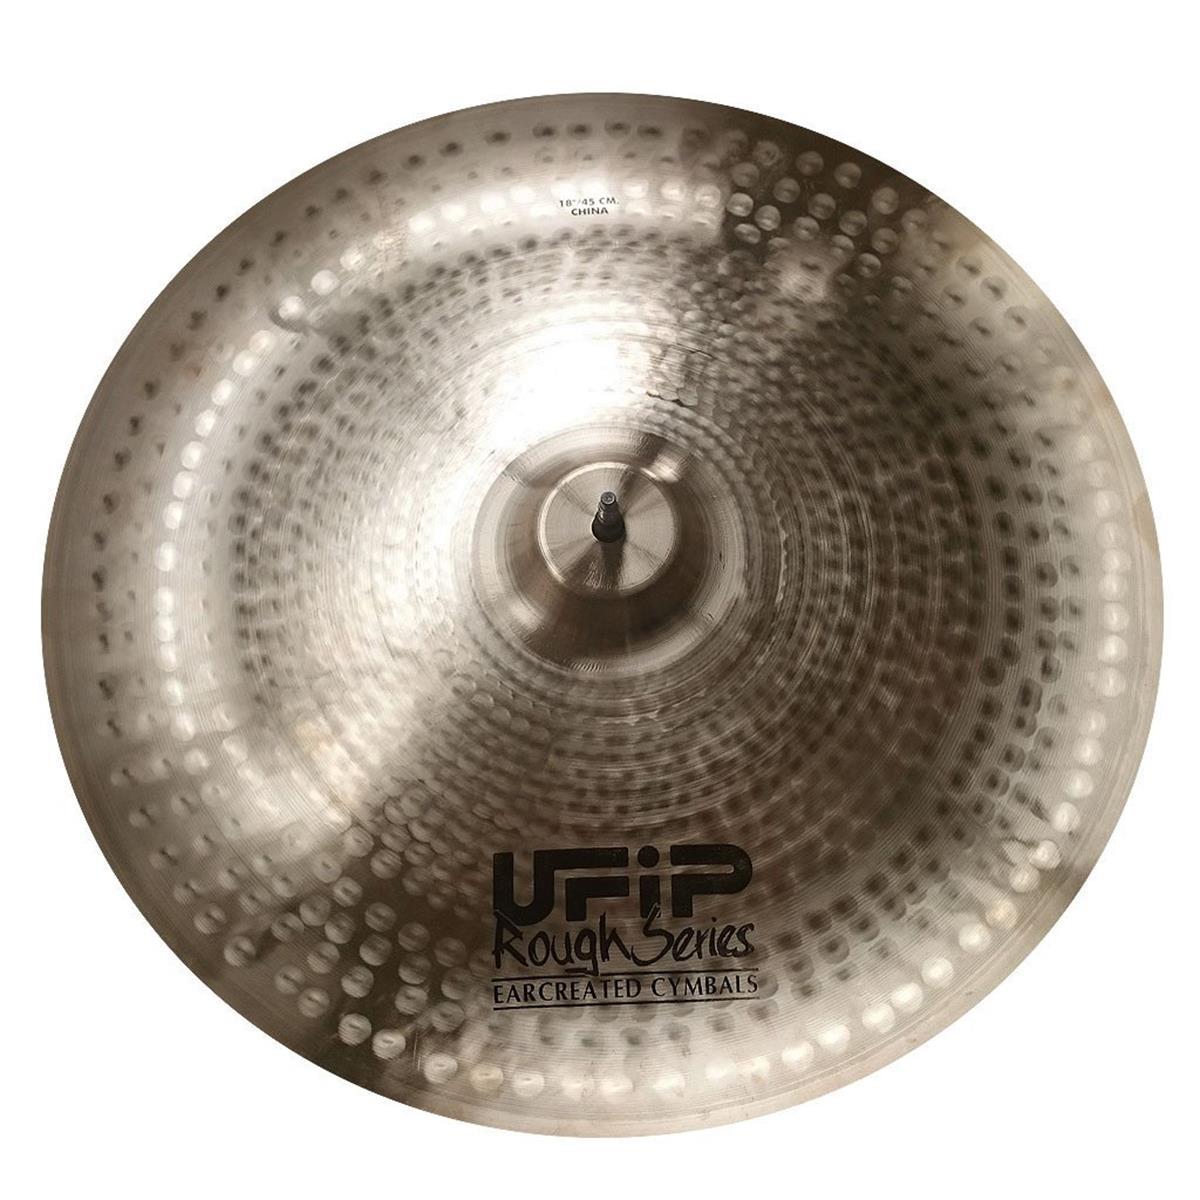 UFIP-ROUGH-CHINA-18-sku-4304